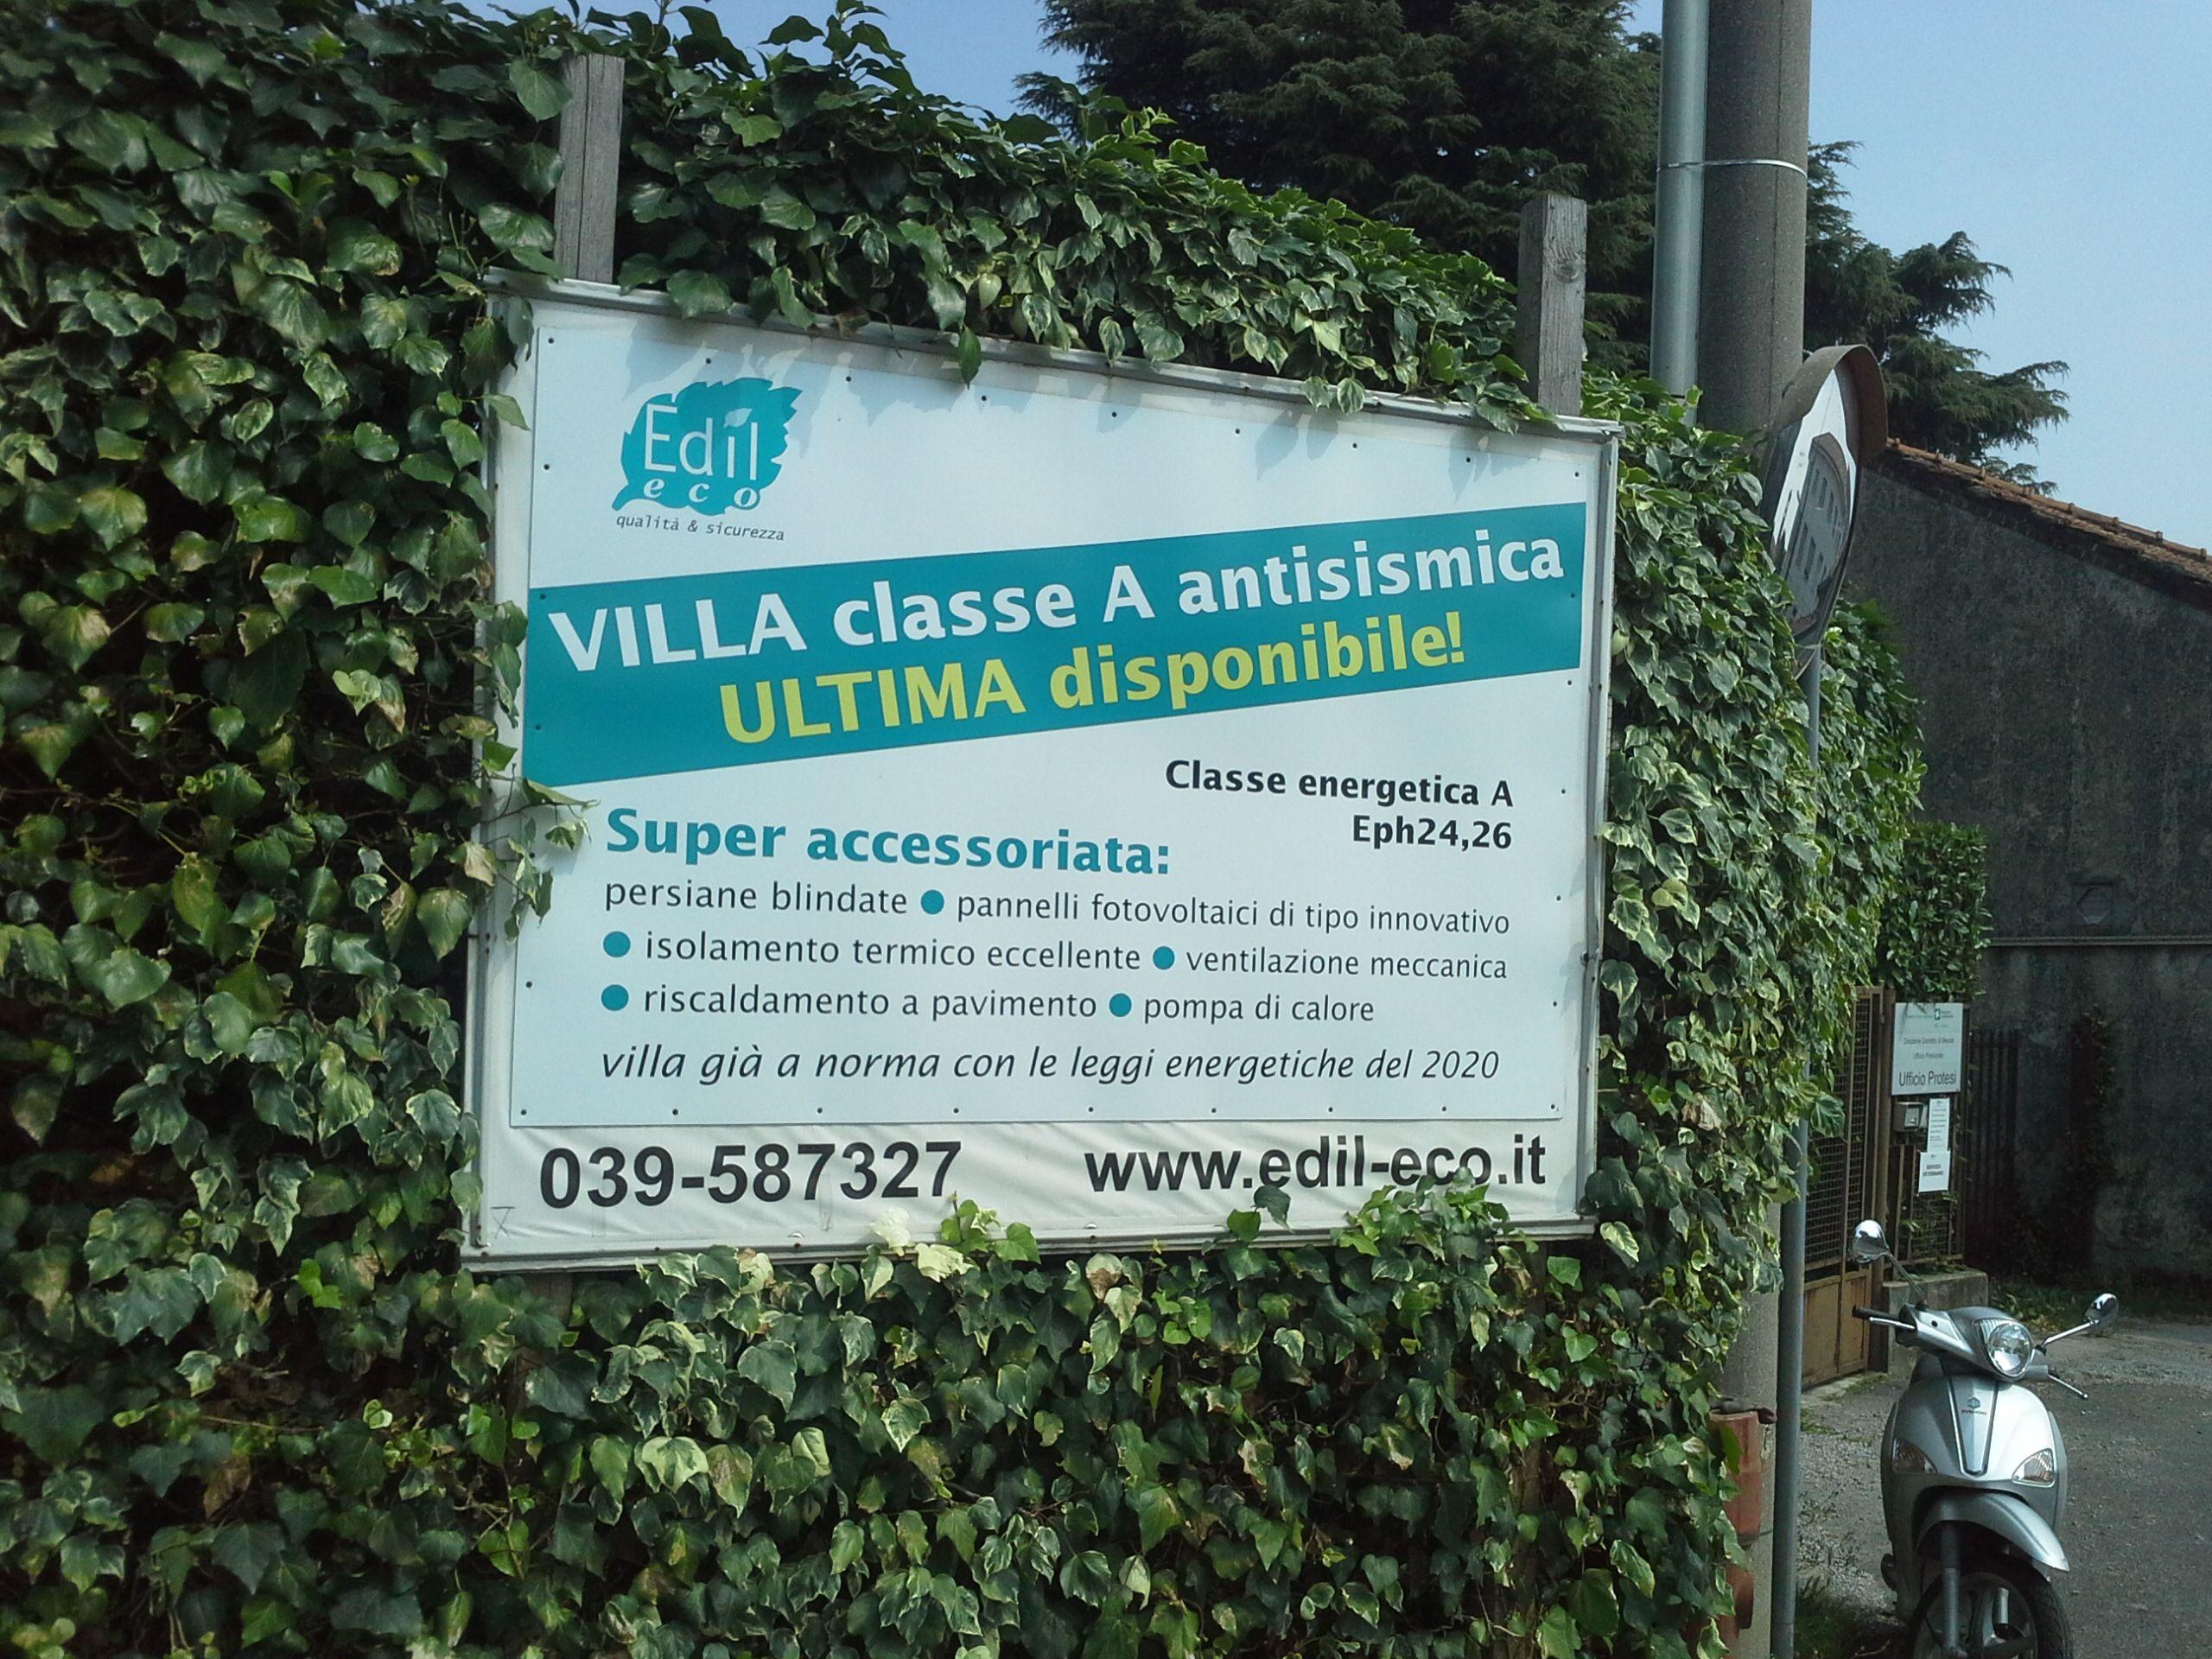 Ultima villa singola in classe A a Merate Lc.  Già a norma con le leggi energetiche del 2020!